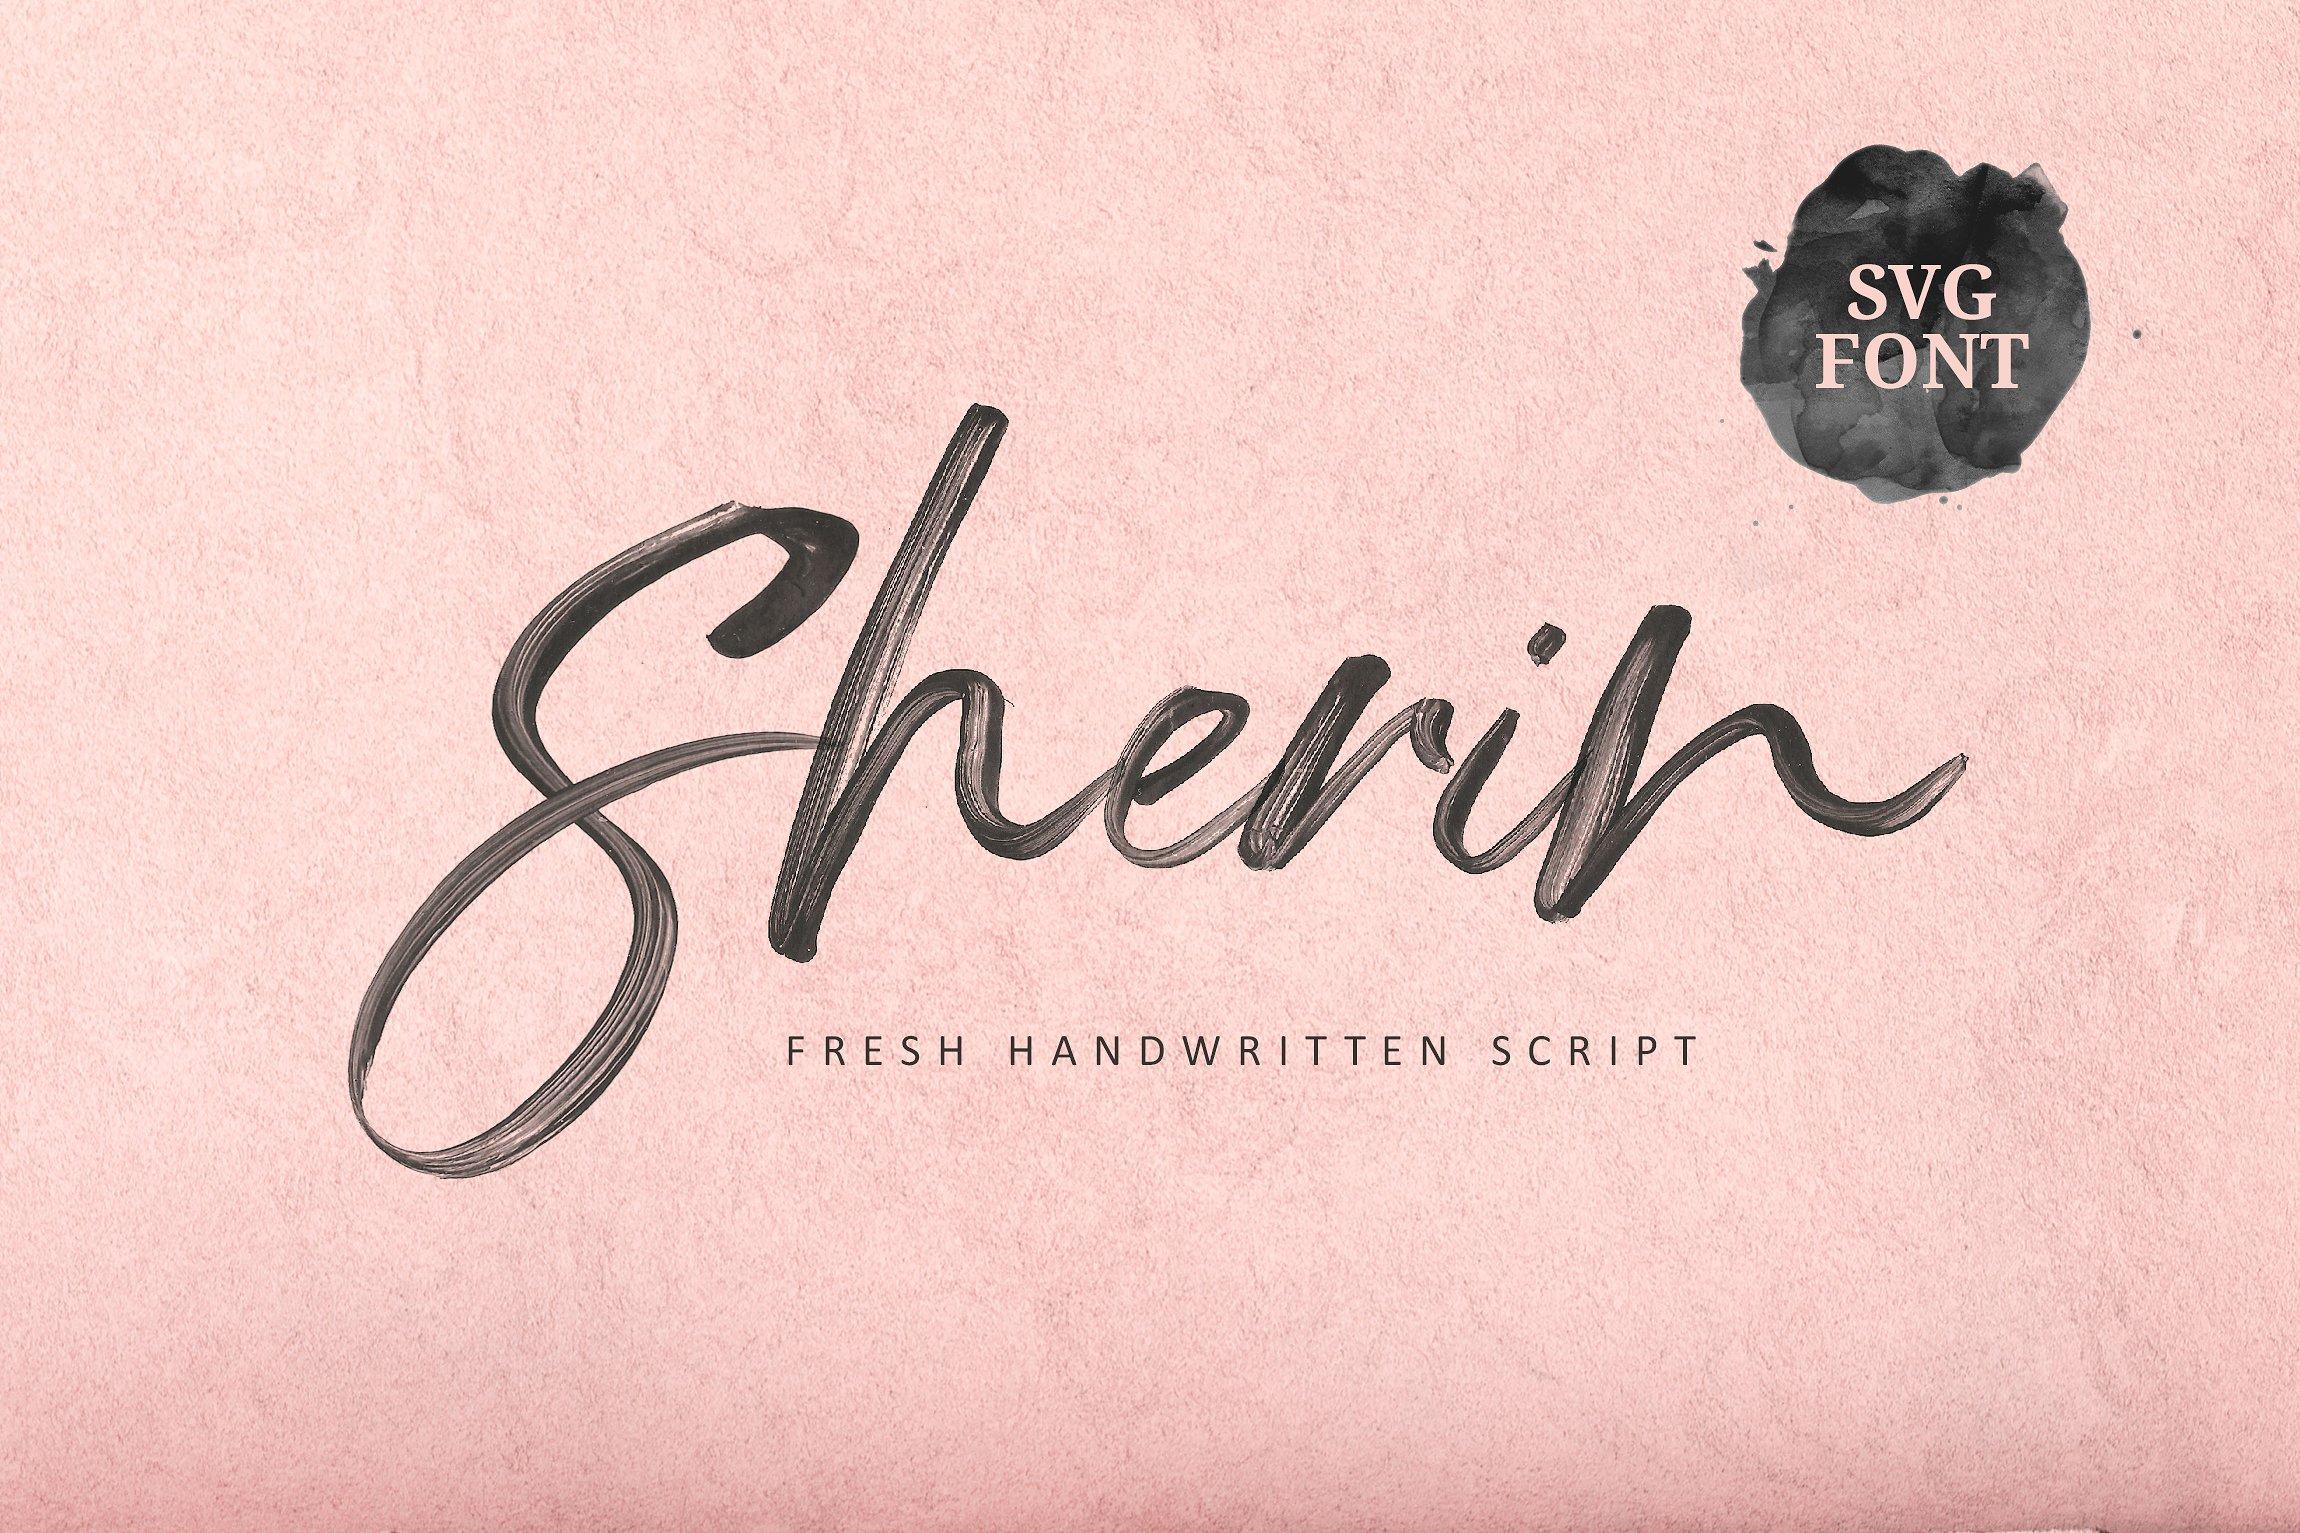 手写SVG字体 Sherin SVG Font设计素材模板